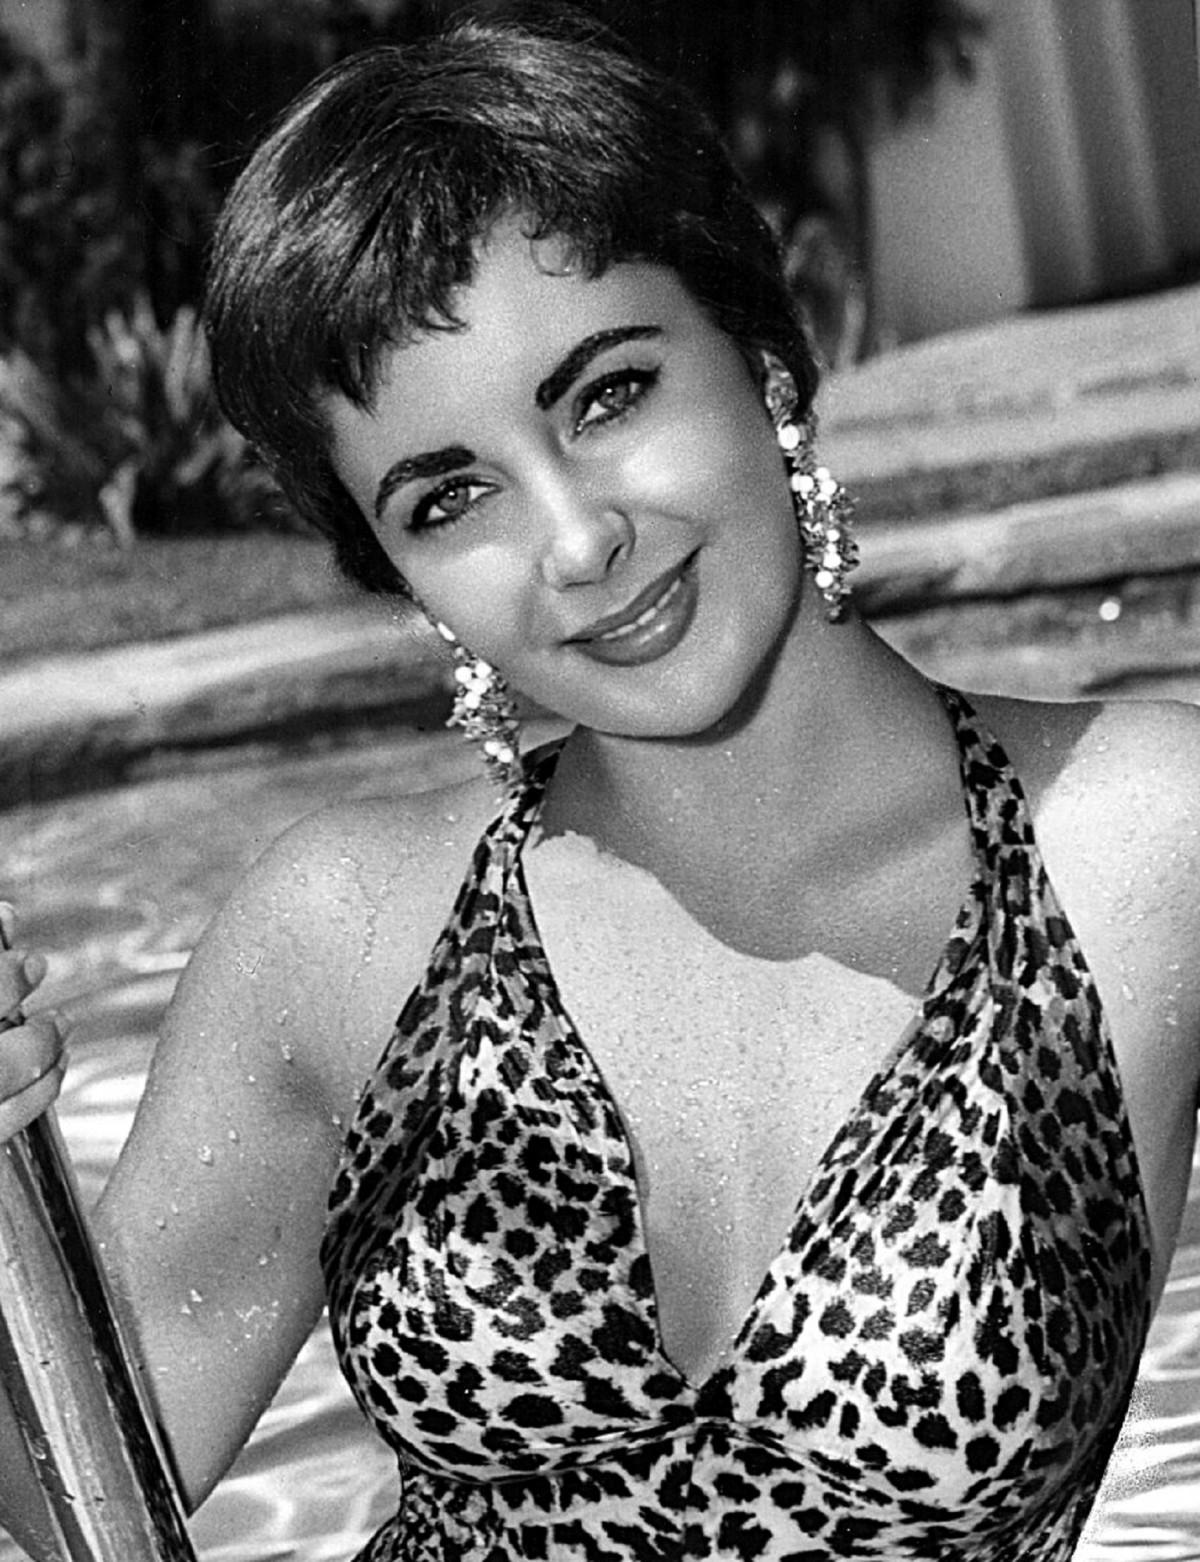 Vanna White's Vintage Playboy Photos - BuzzFeed